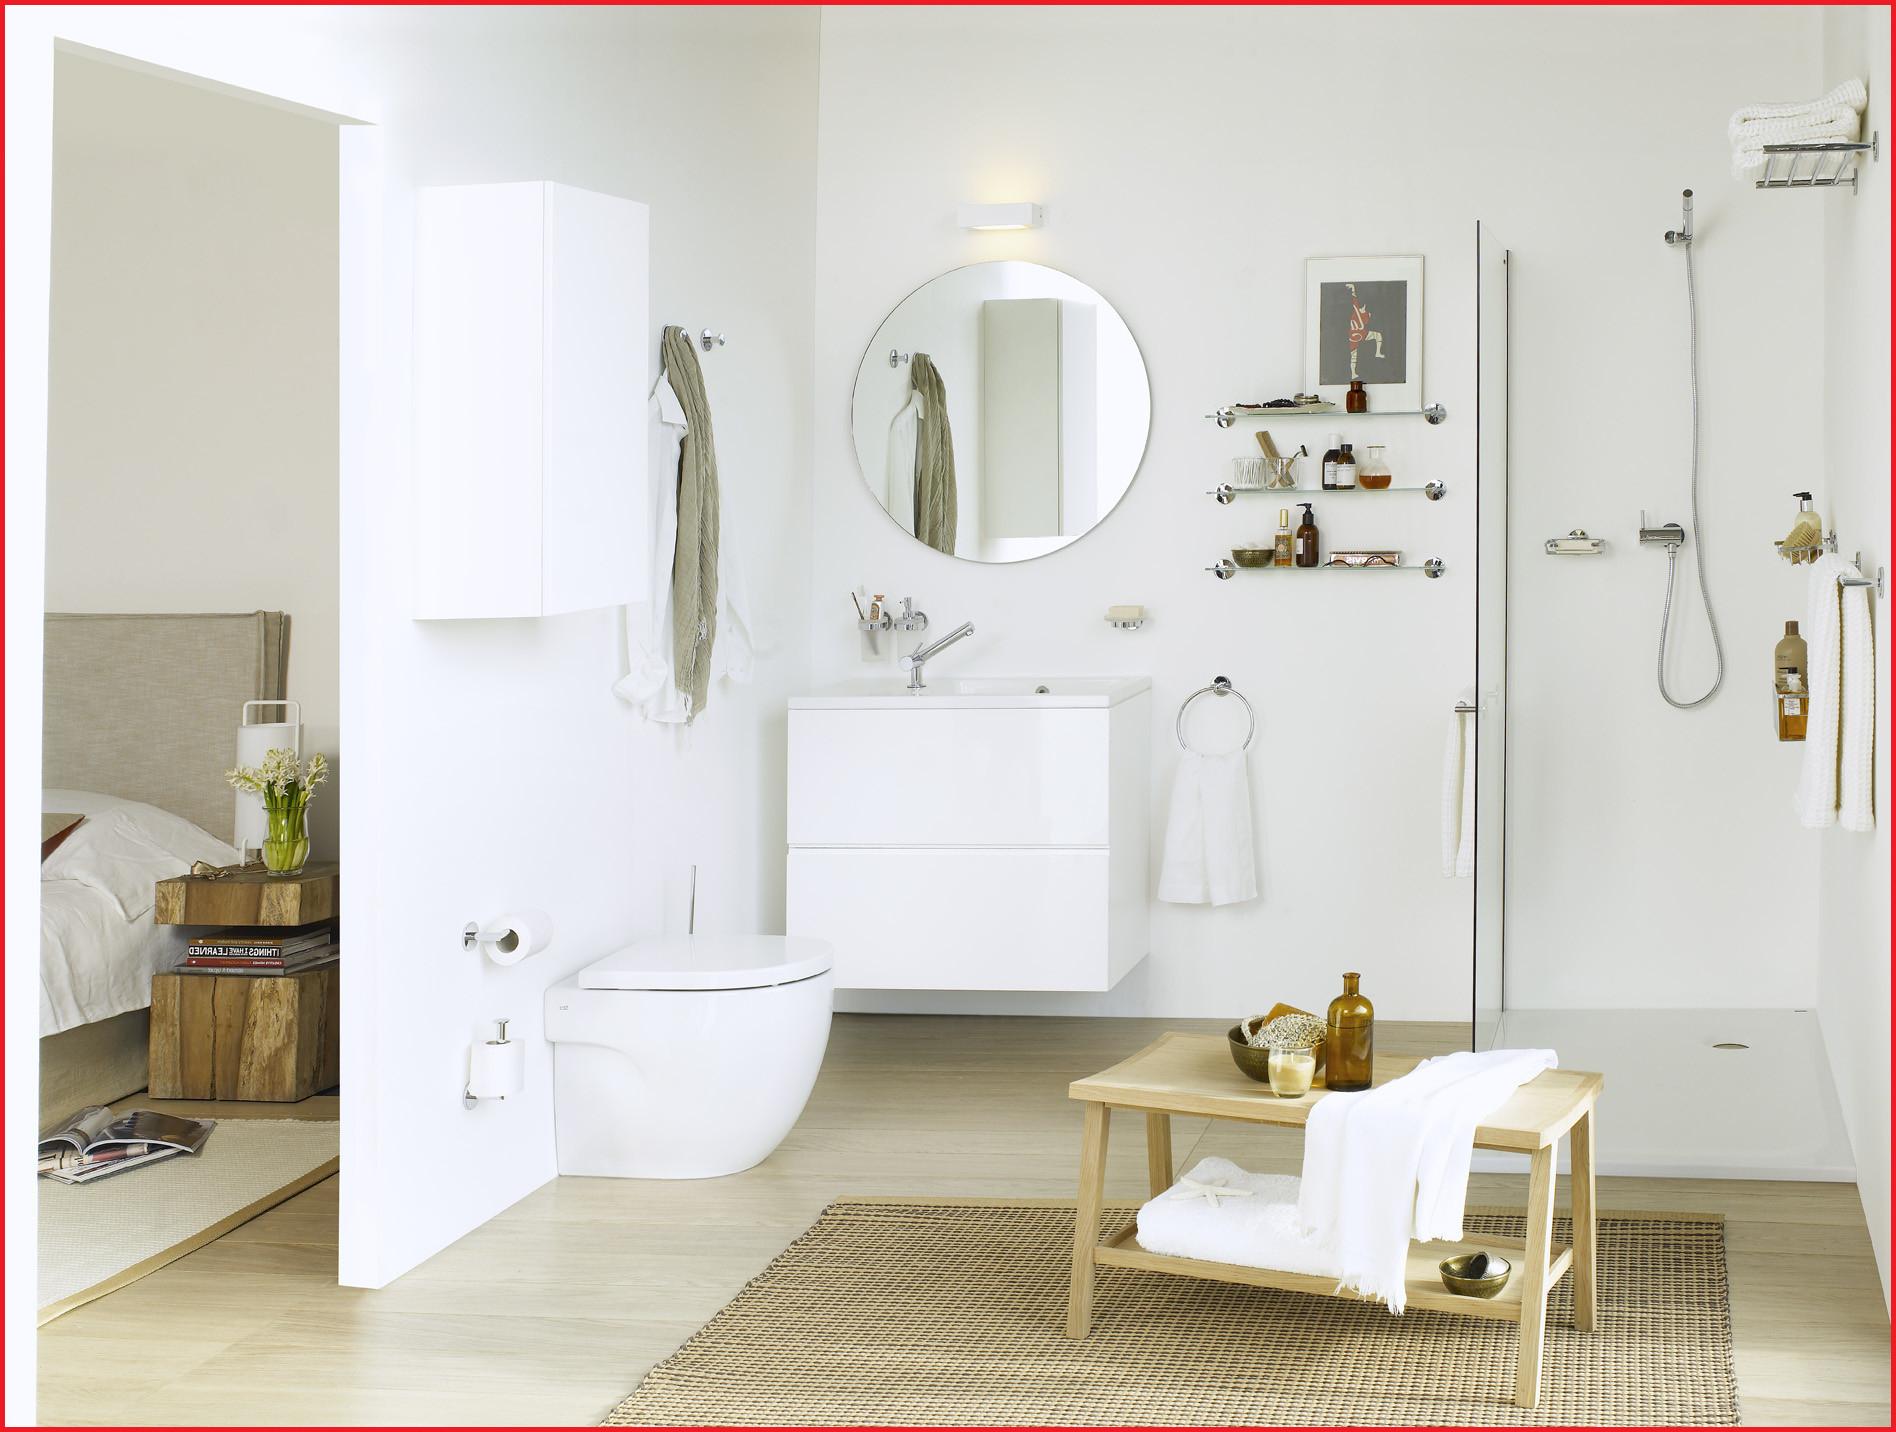 Muebles De Baño Baratos Online E6d5 Plementos De Baà O Online Impresionante Accesorios Banos De